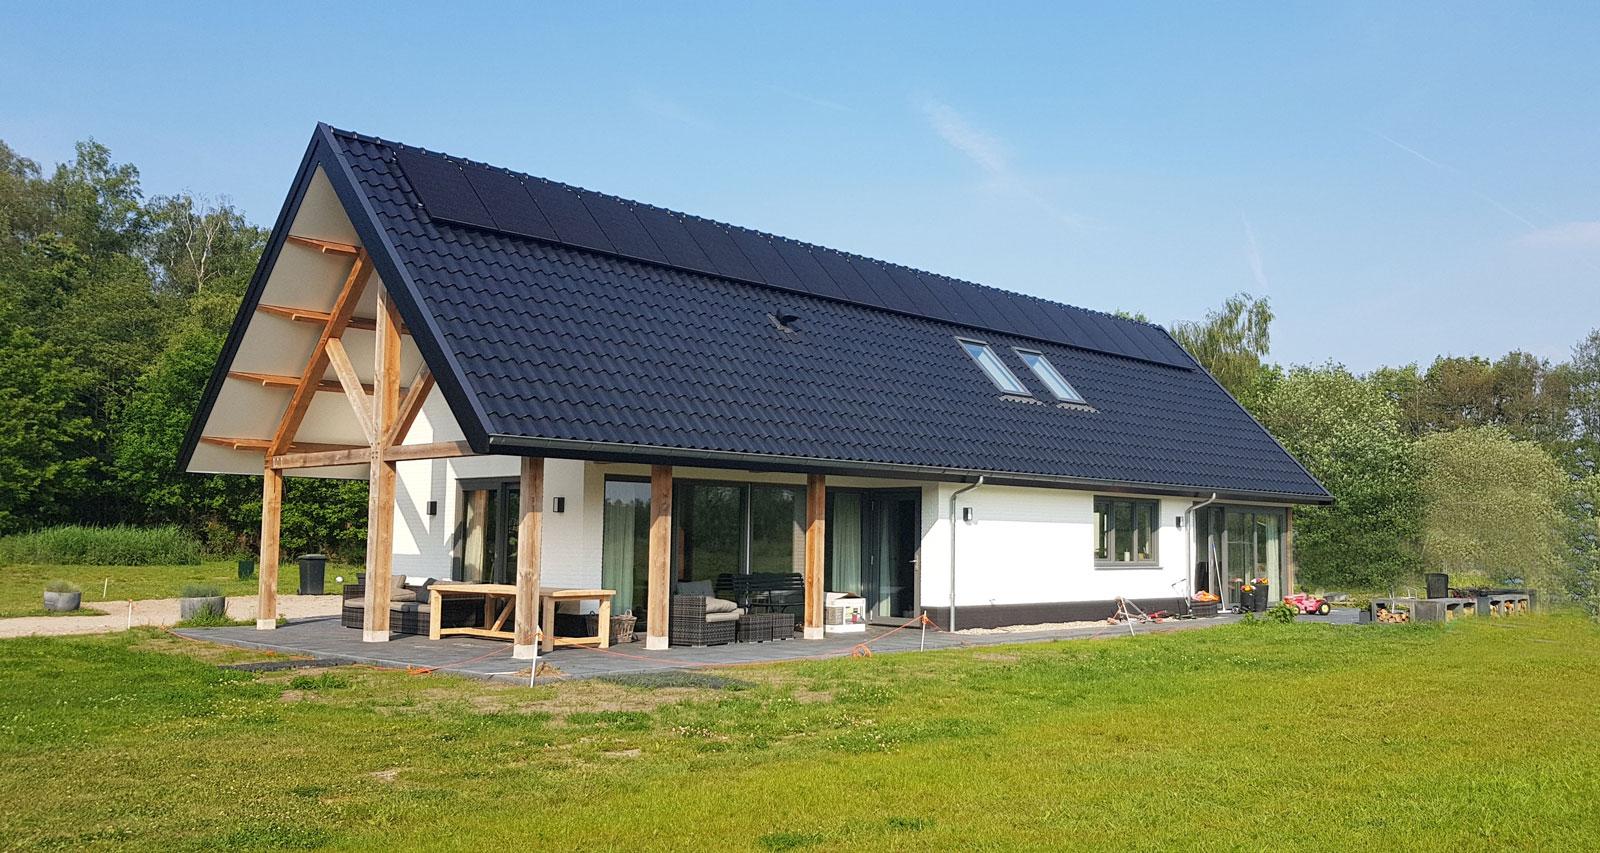 kapschuur-eigentijds-gelamineerde-constructie-massief-hout-sedum-dak-architect-van-oord-architectuur-en-design-wenum-wiesel-architectuur